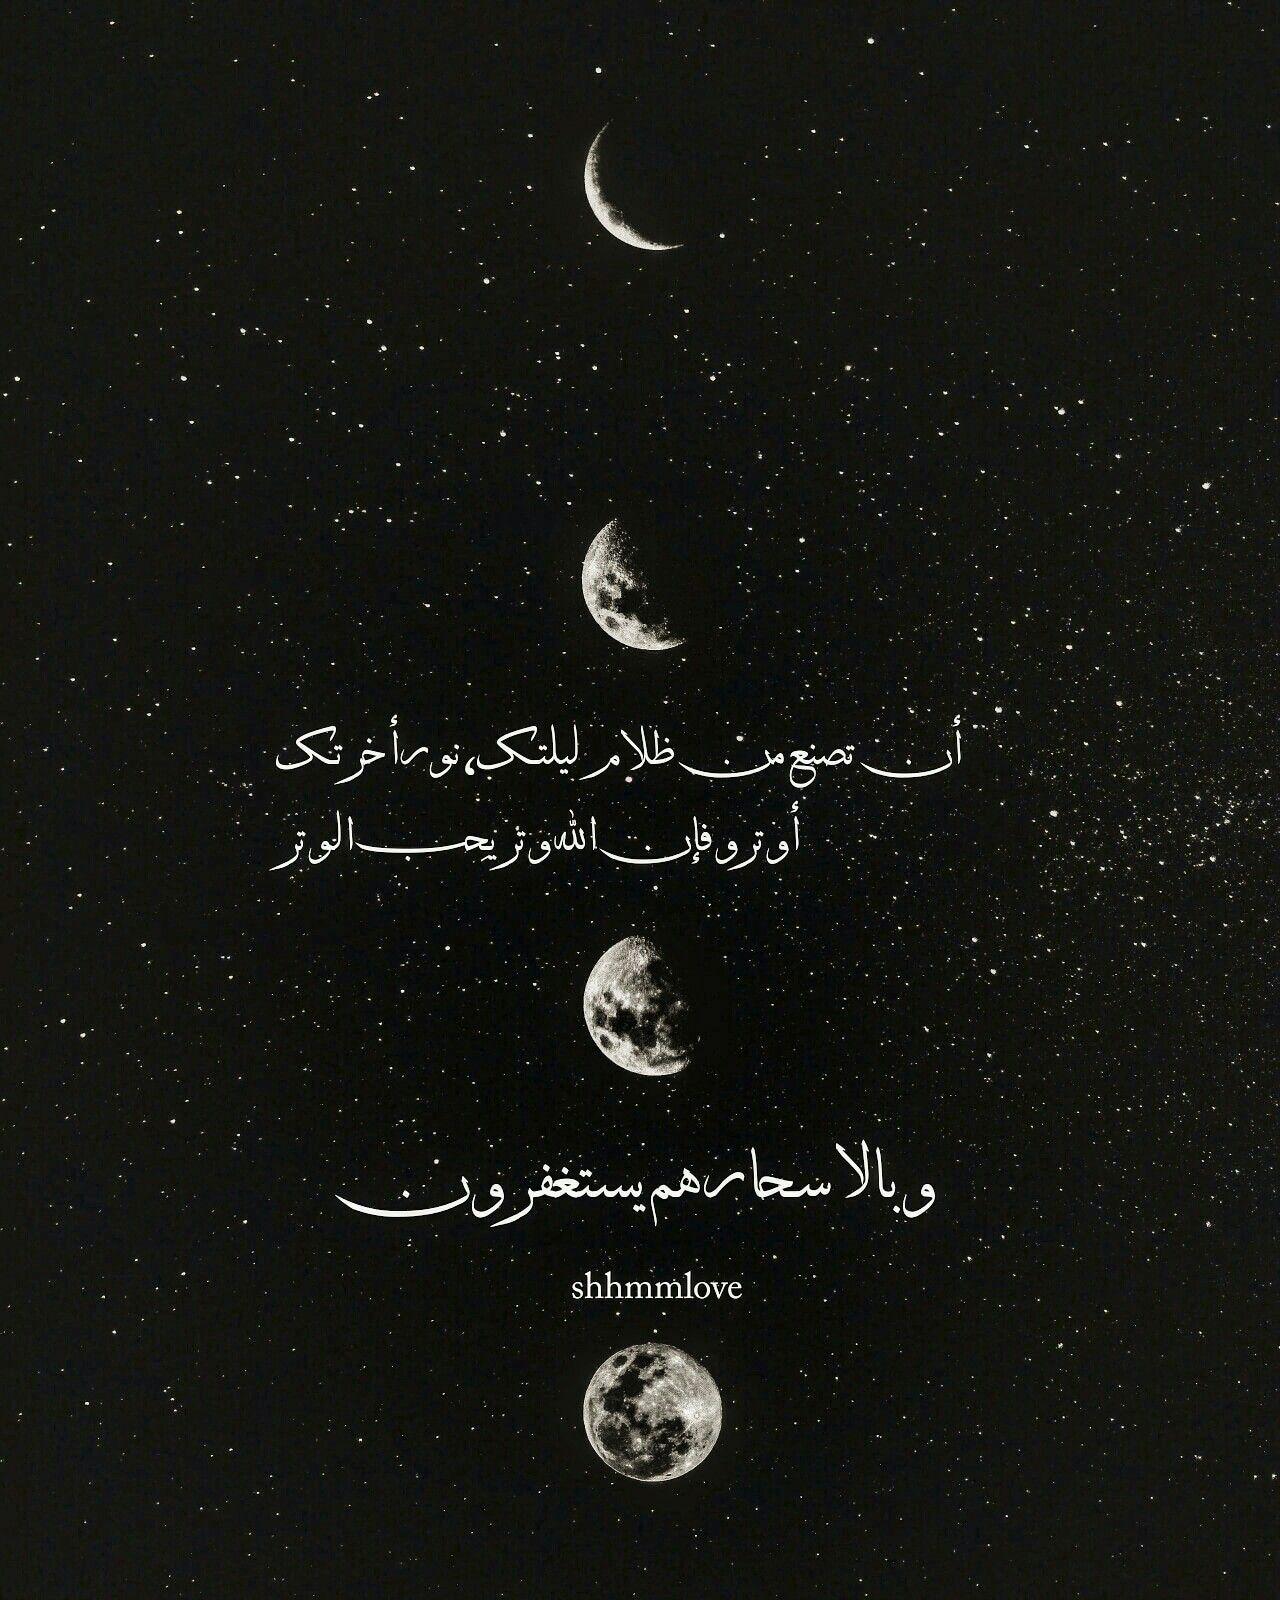 استغفرالله الذي لا إله الا هو الحي القيوم واتوب اليه Blessed Friday Celestial Bodies Islam